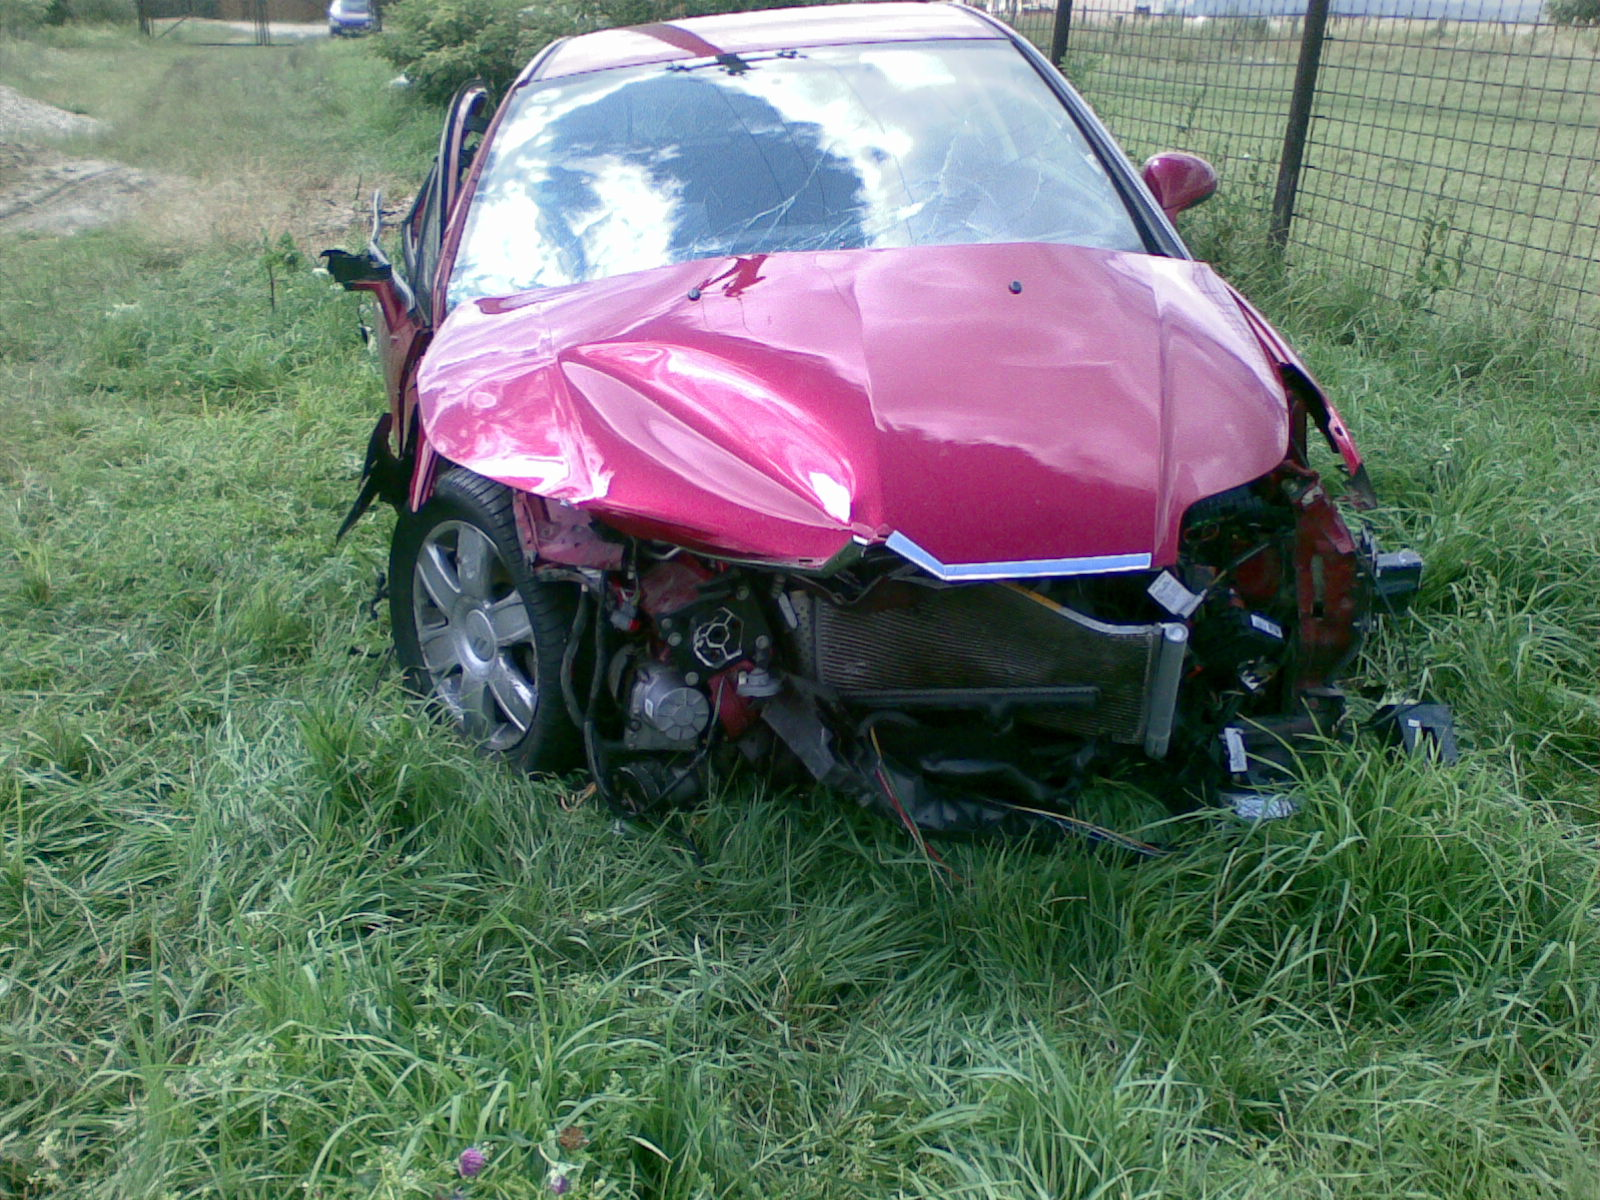 Citroen C4 avariat 2005 Benzina Coupe - 07 Noiembrie 2011 - Poza 1